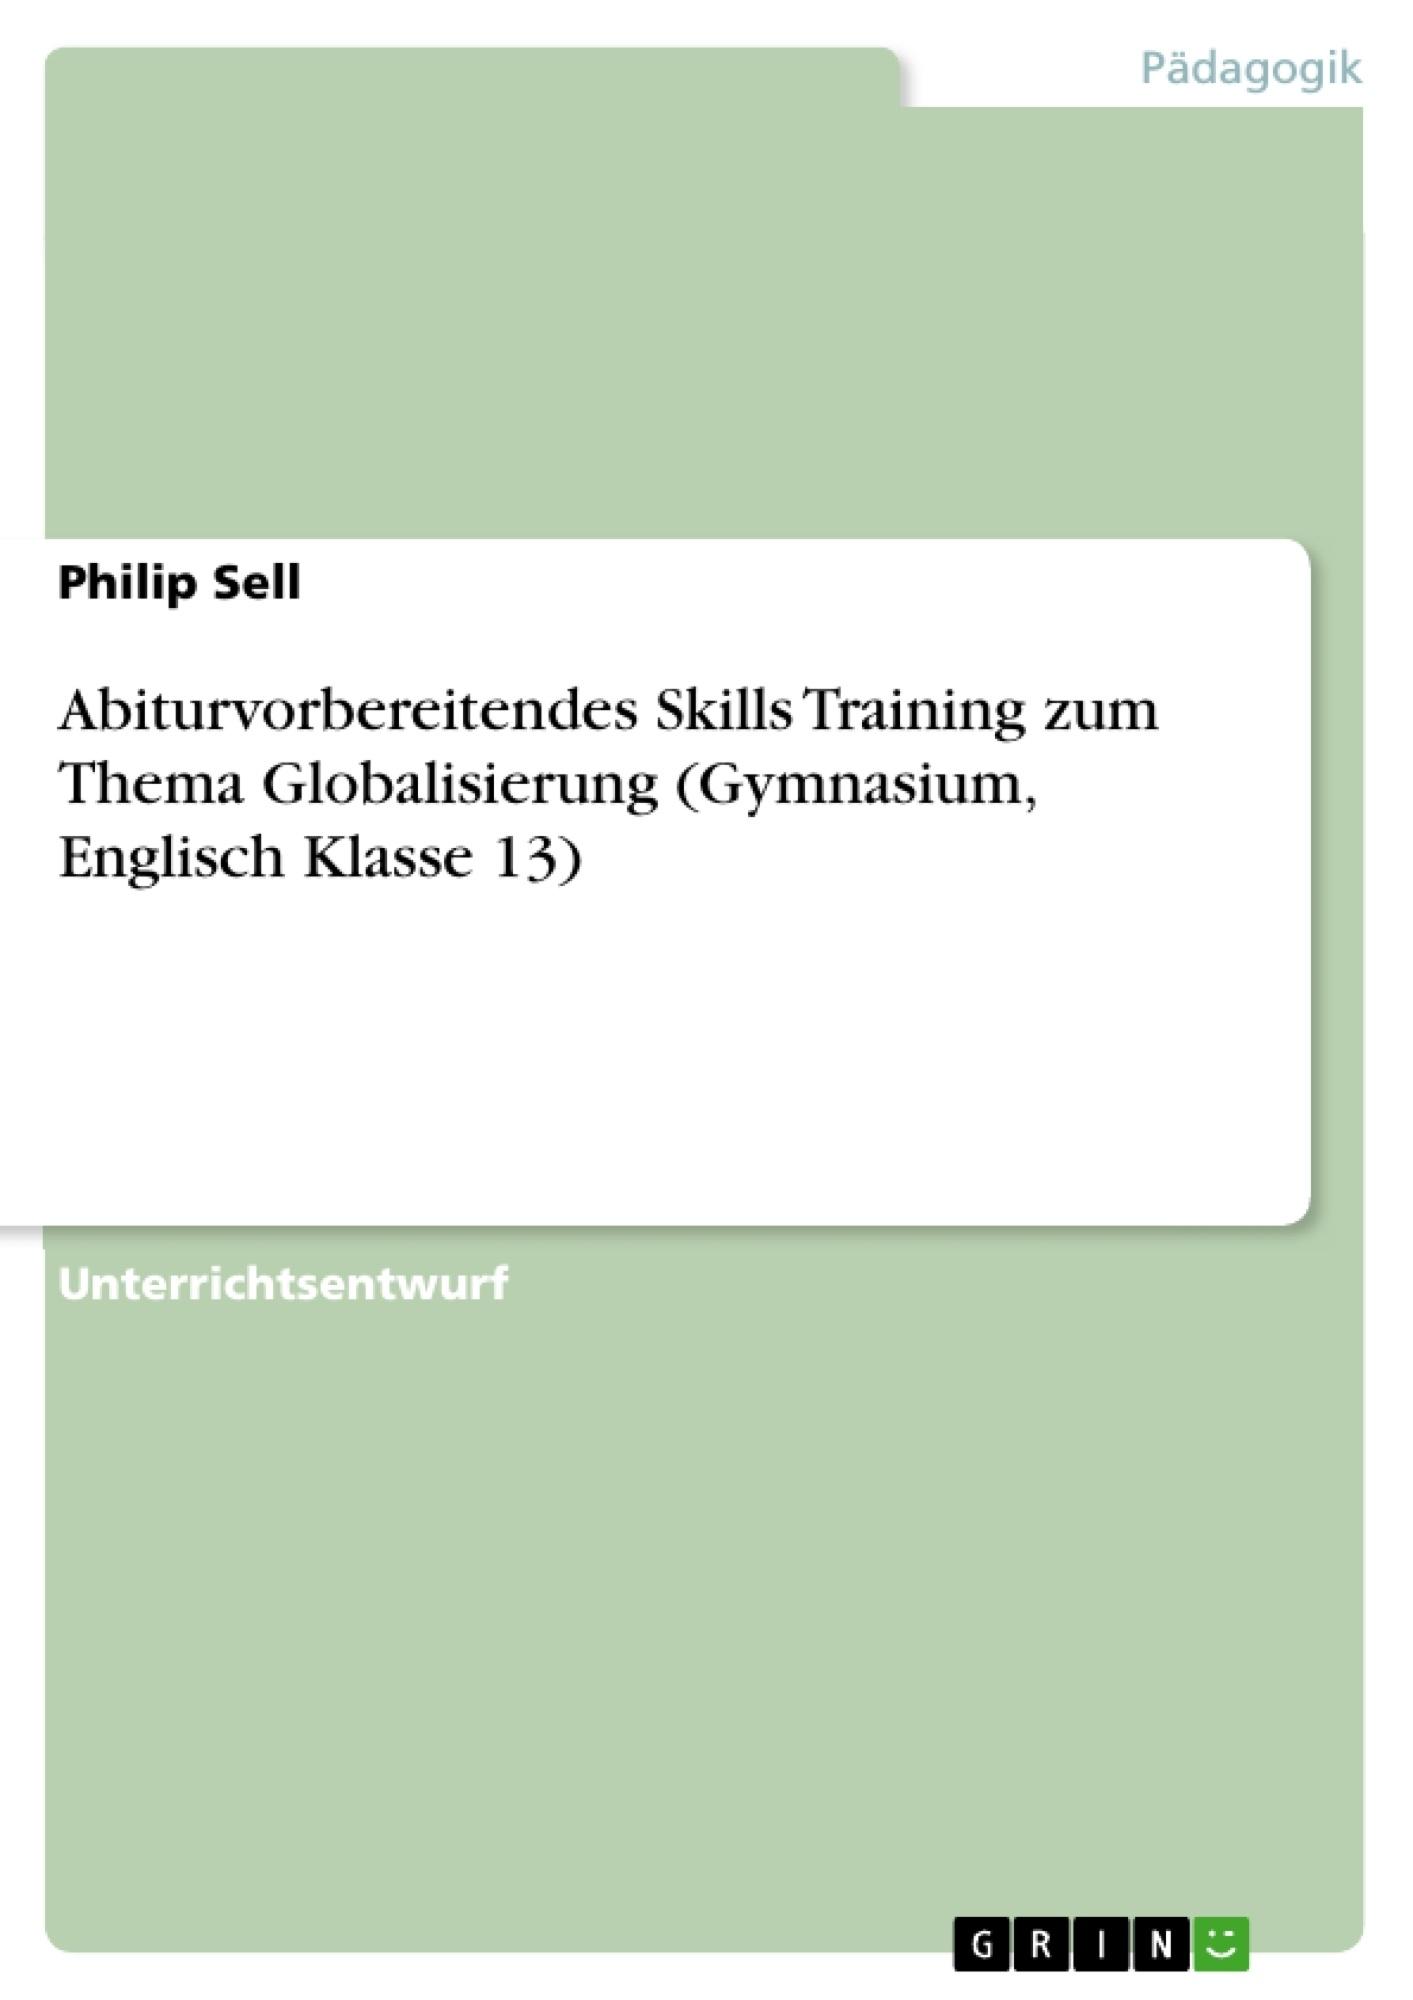 Titel: Abiturvorbereitendes Skills Training zum Thema Globalisierung (Gymnasium, Englisch Klasse 13)